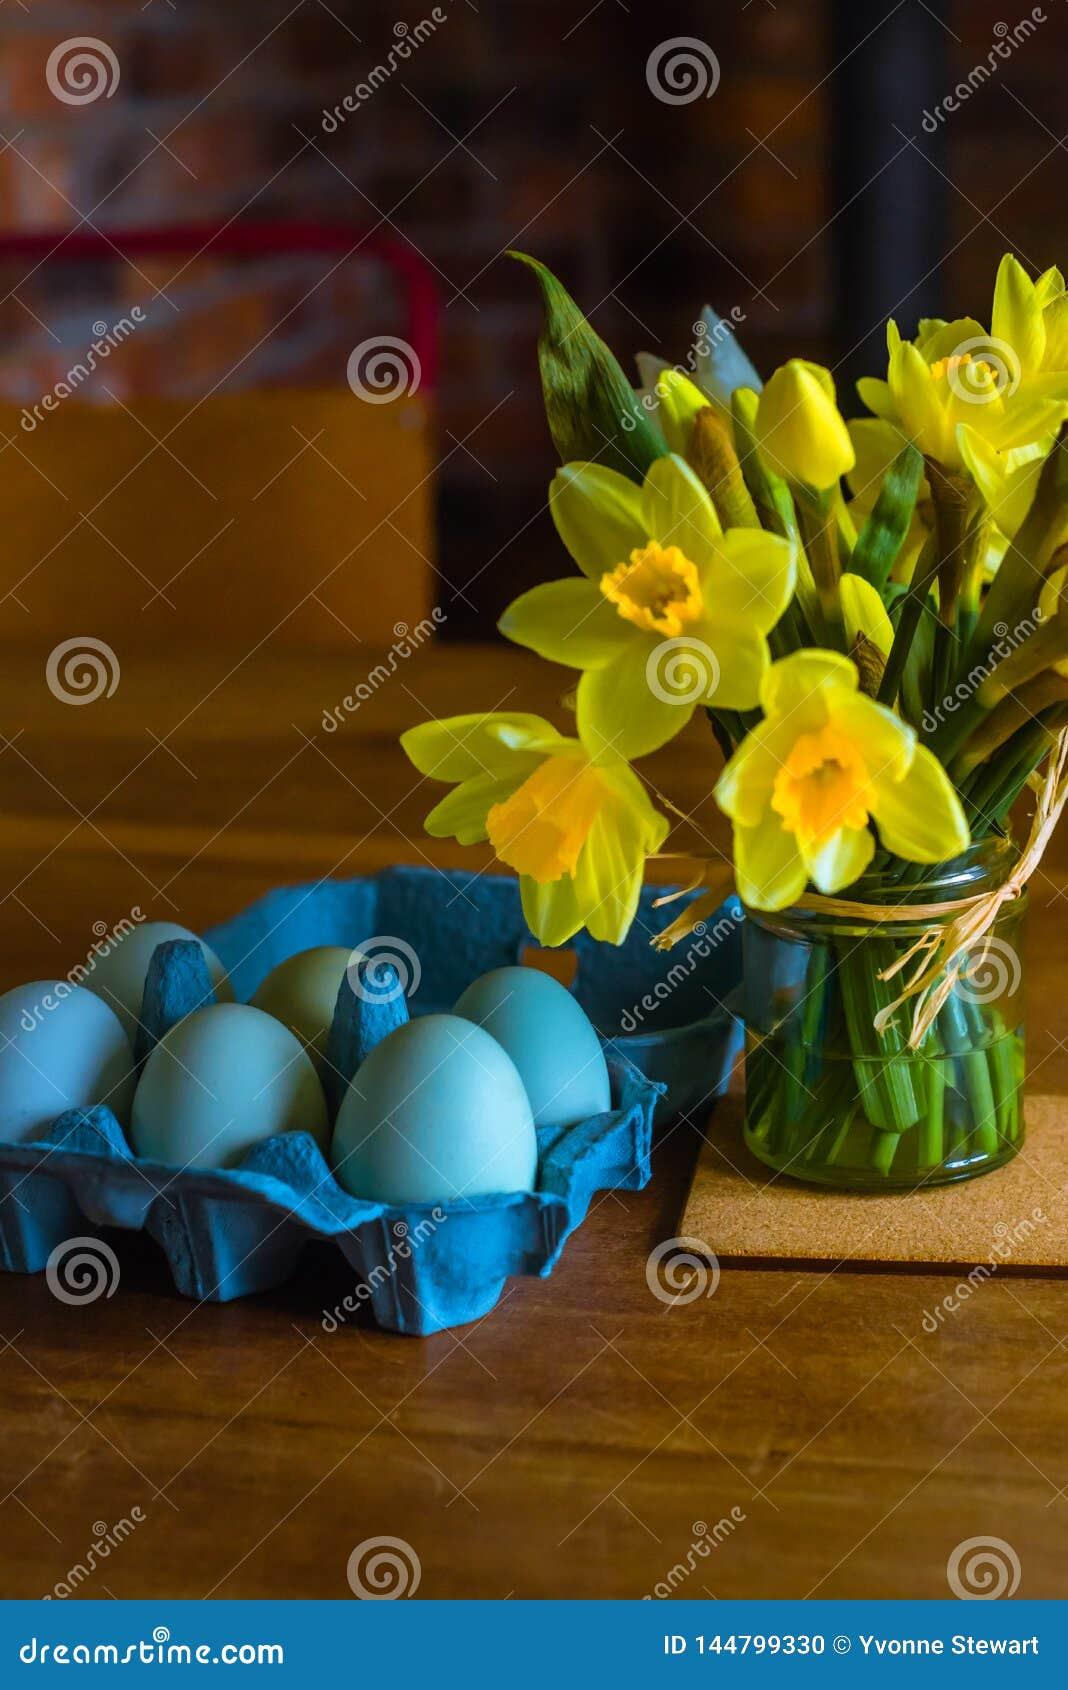 Blåa ägg och gula påskliljor på ett köksbord